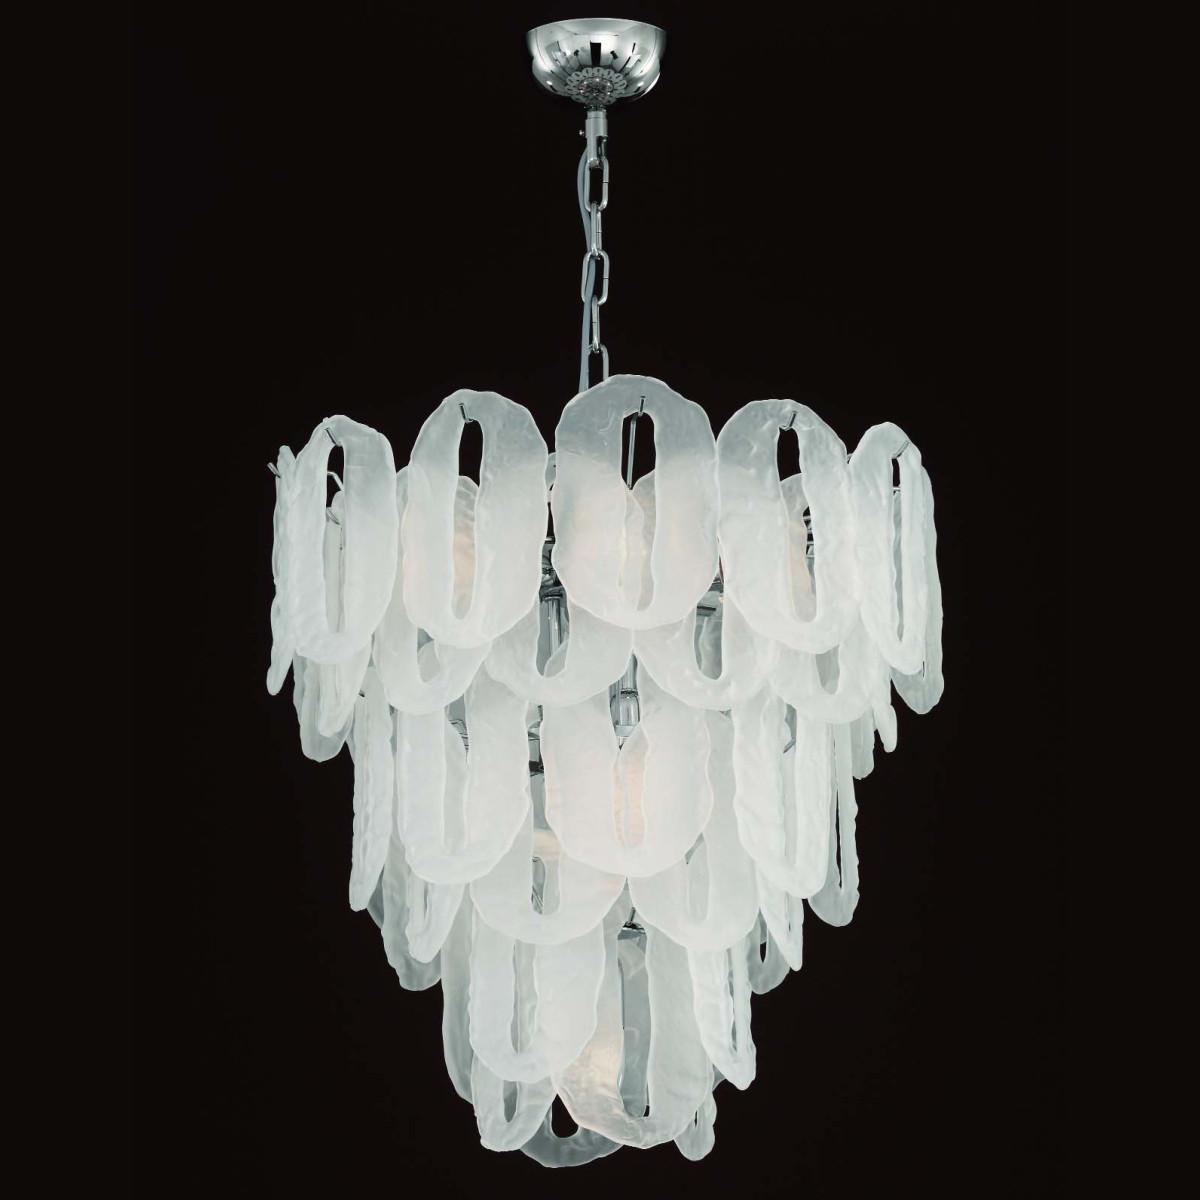 """""""Vicky"""" lustre en verre de Murano - 7 lumieres - couleur glace"""